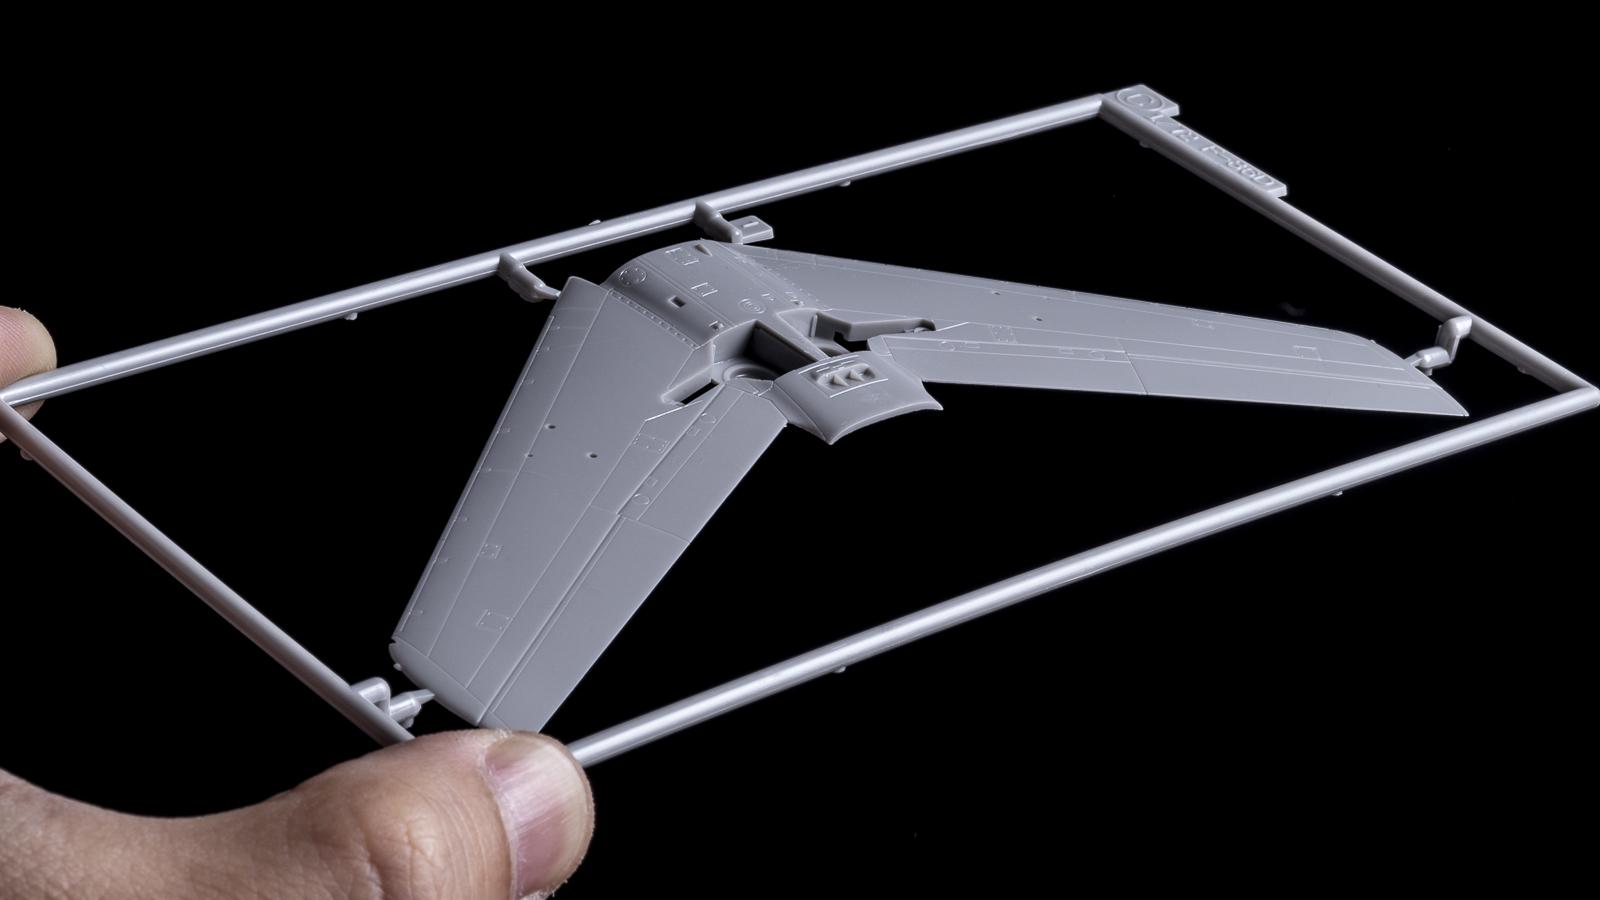 飛行機プラモの合わせ目、横から見たら見えない説_b0029315_16450345.jpg